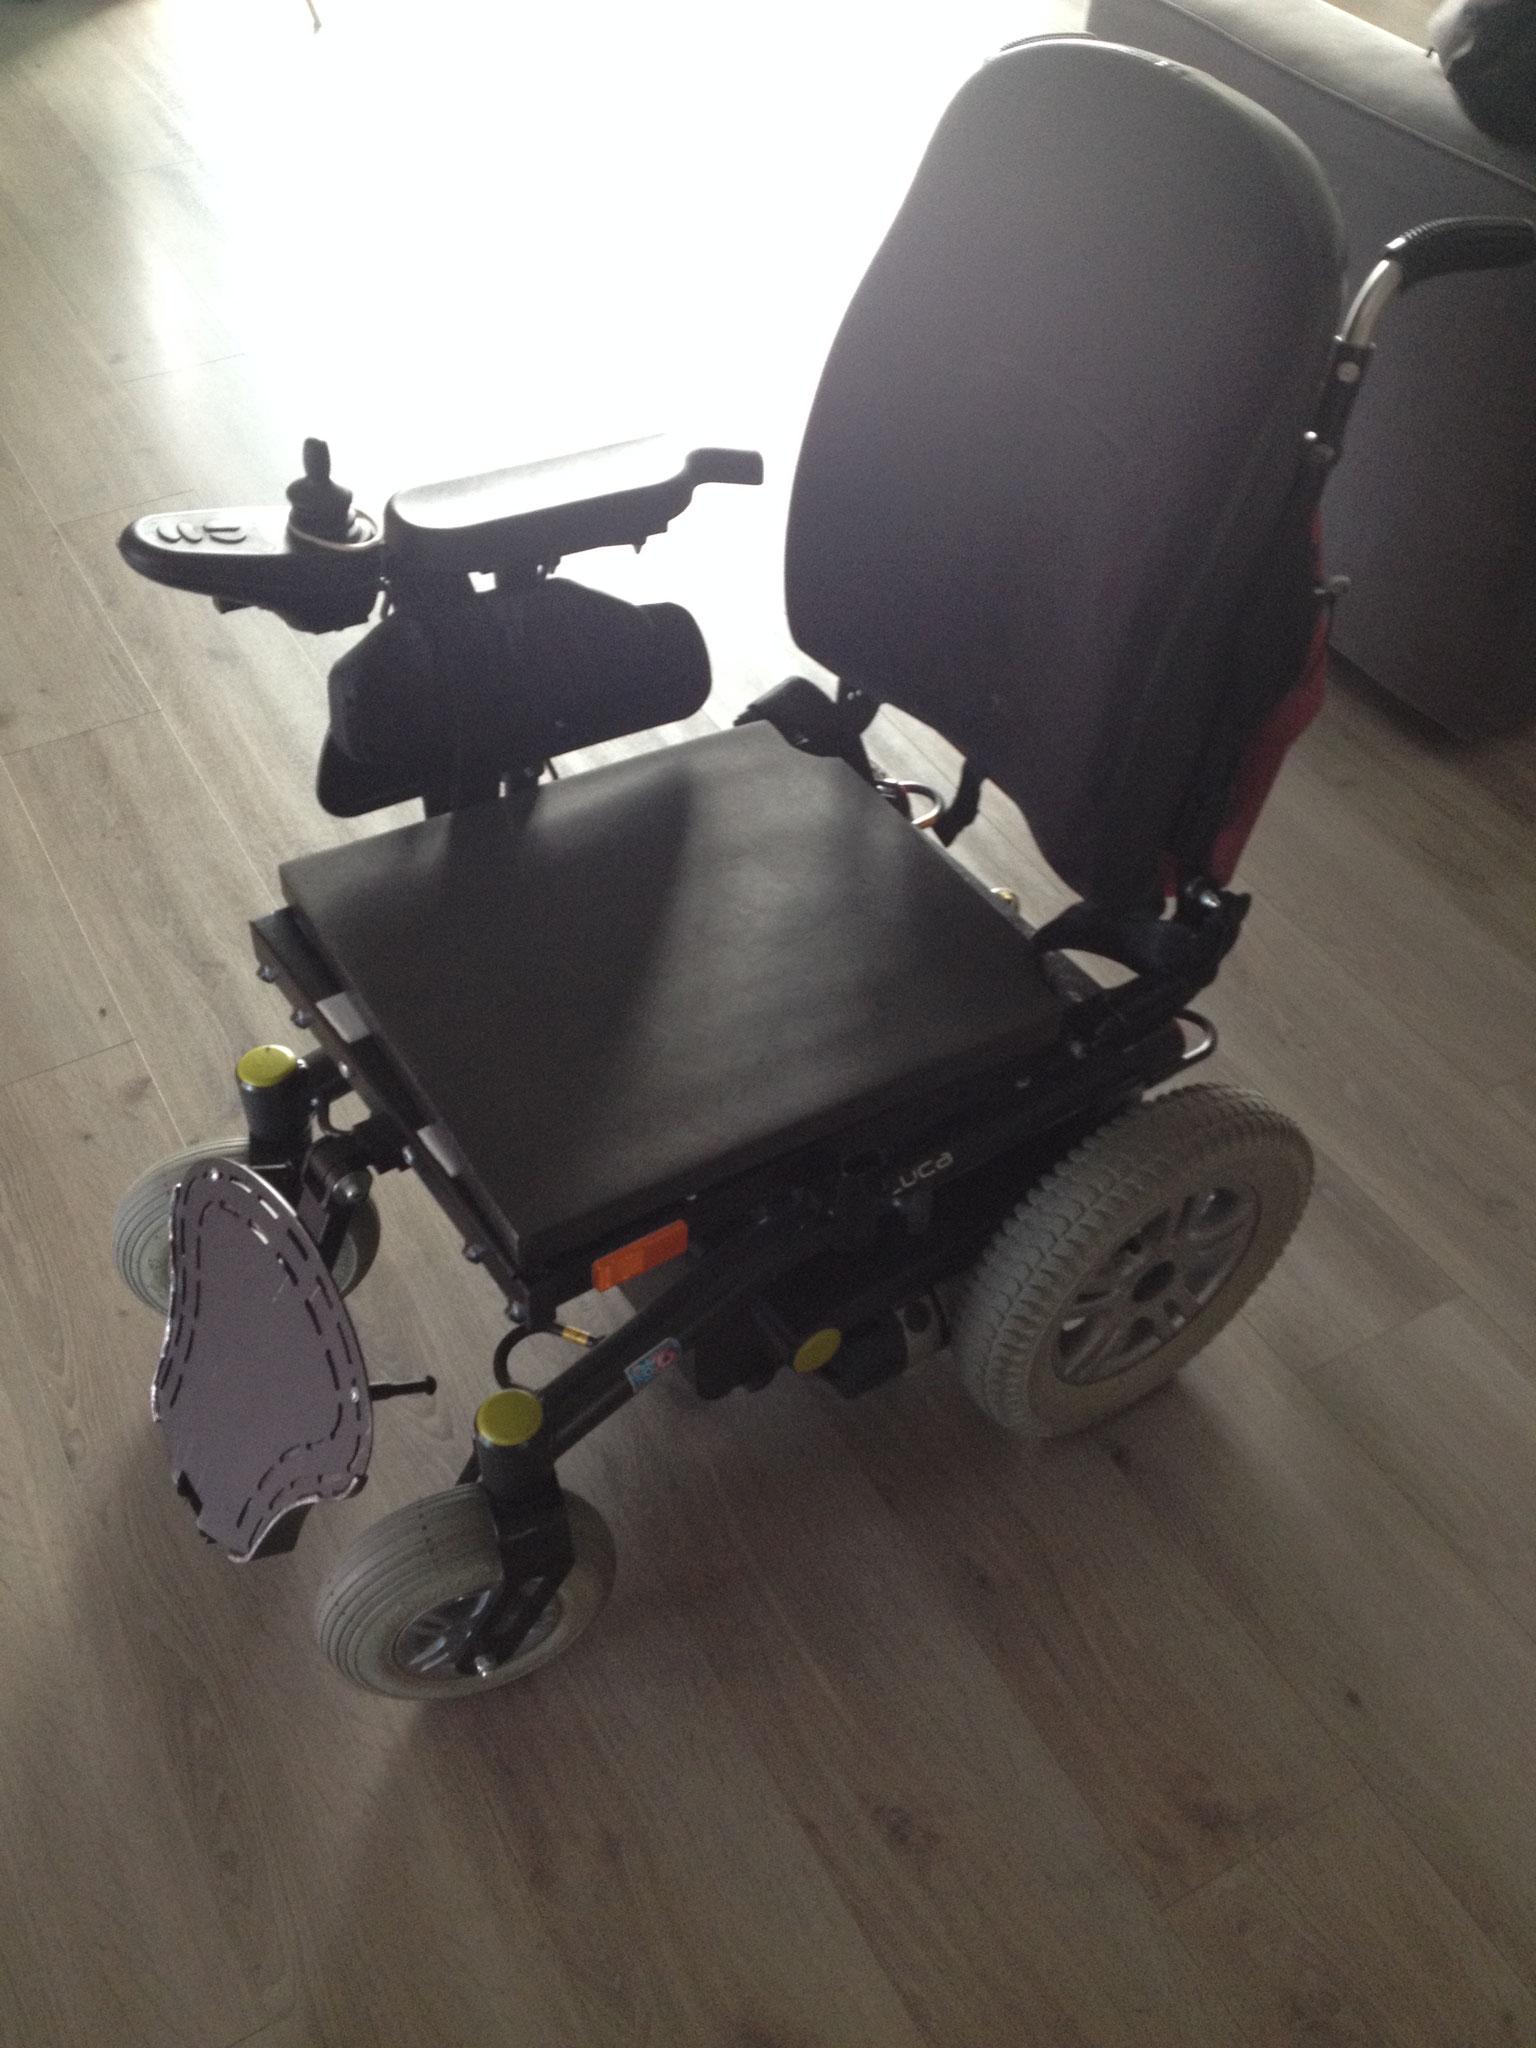 fauteuil avec repose-pieds inutiisables pour avancer